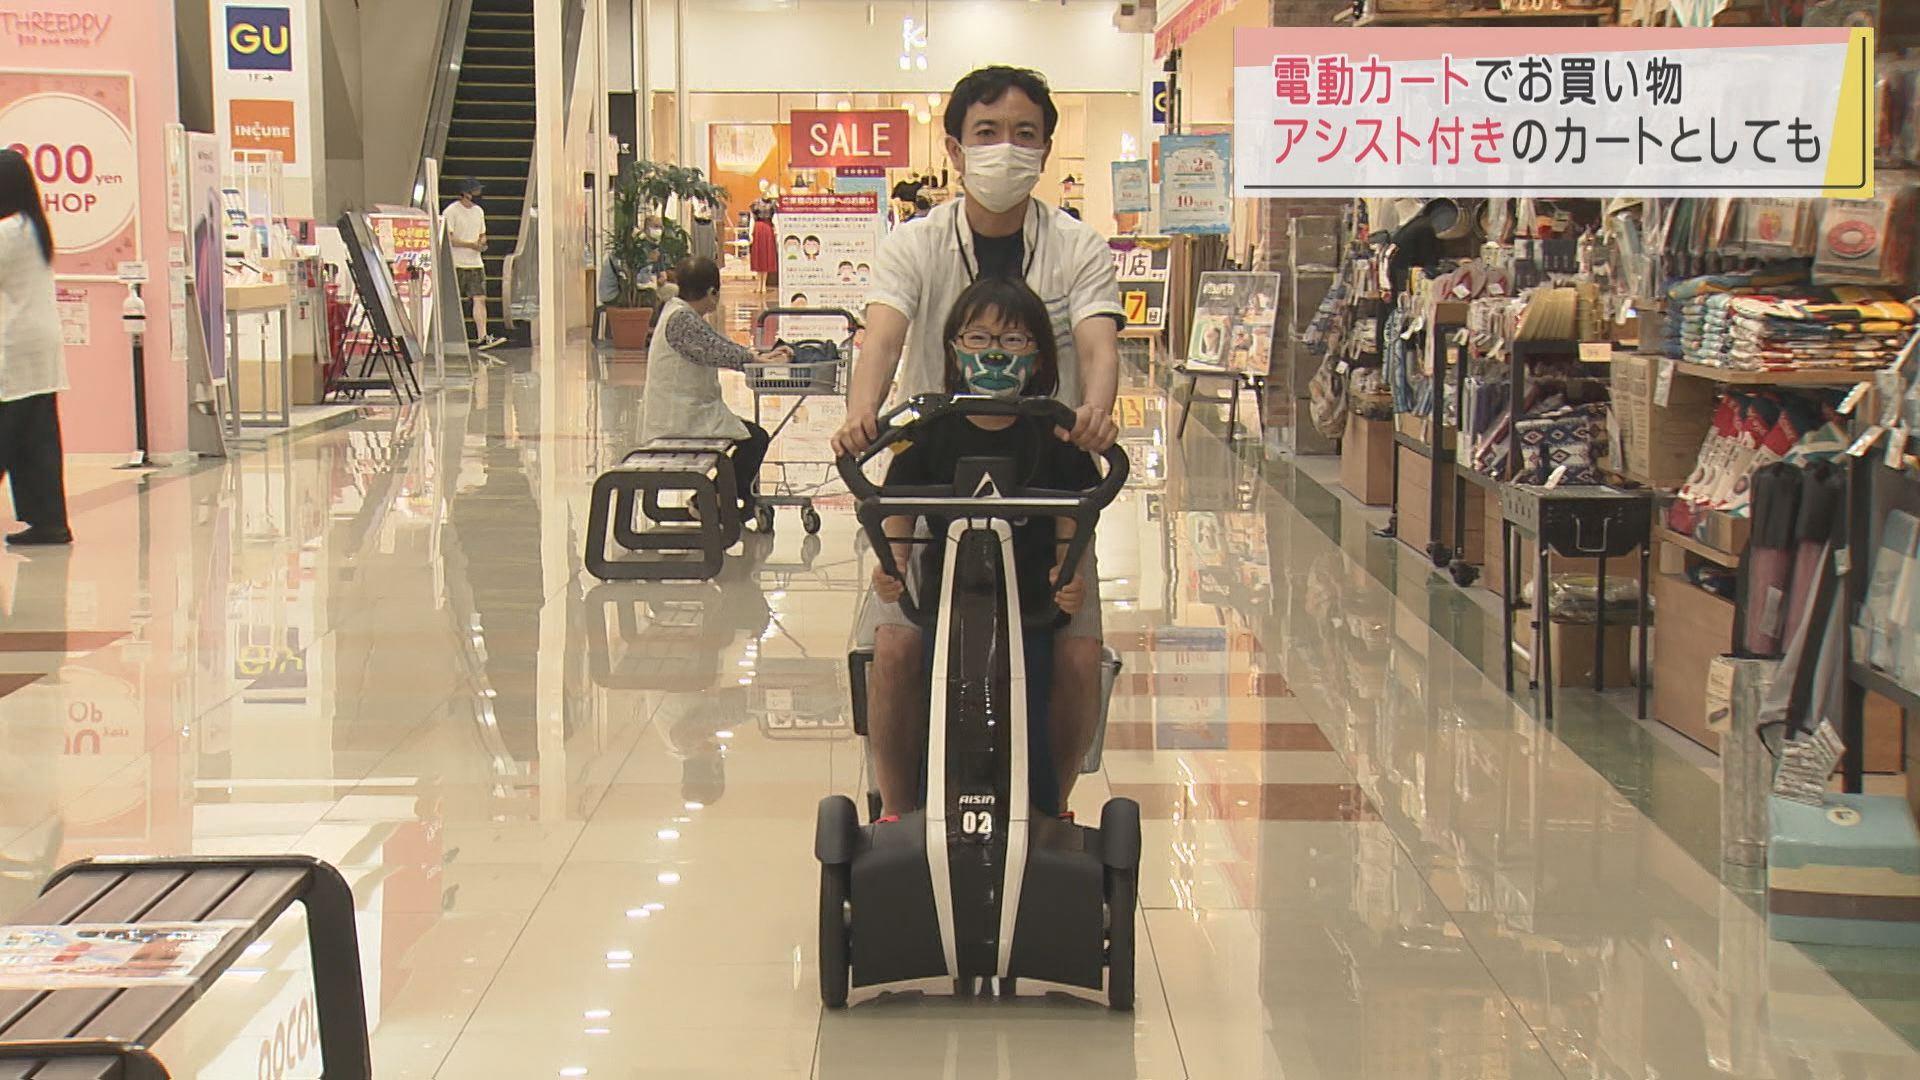 画像:電動ショッピングカート導入 楽しくお買い物を